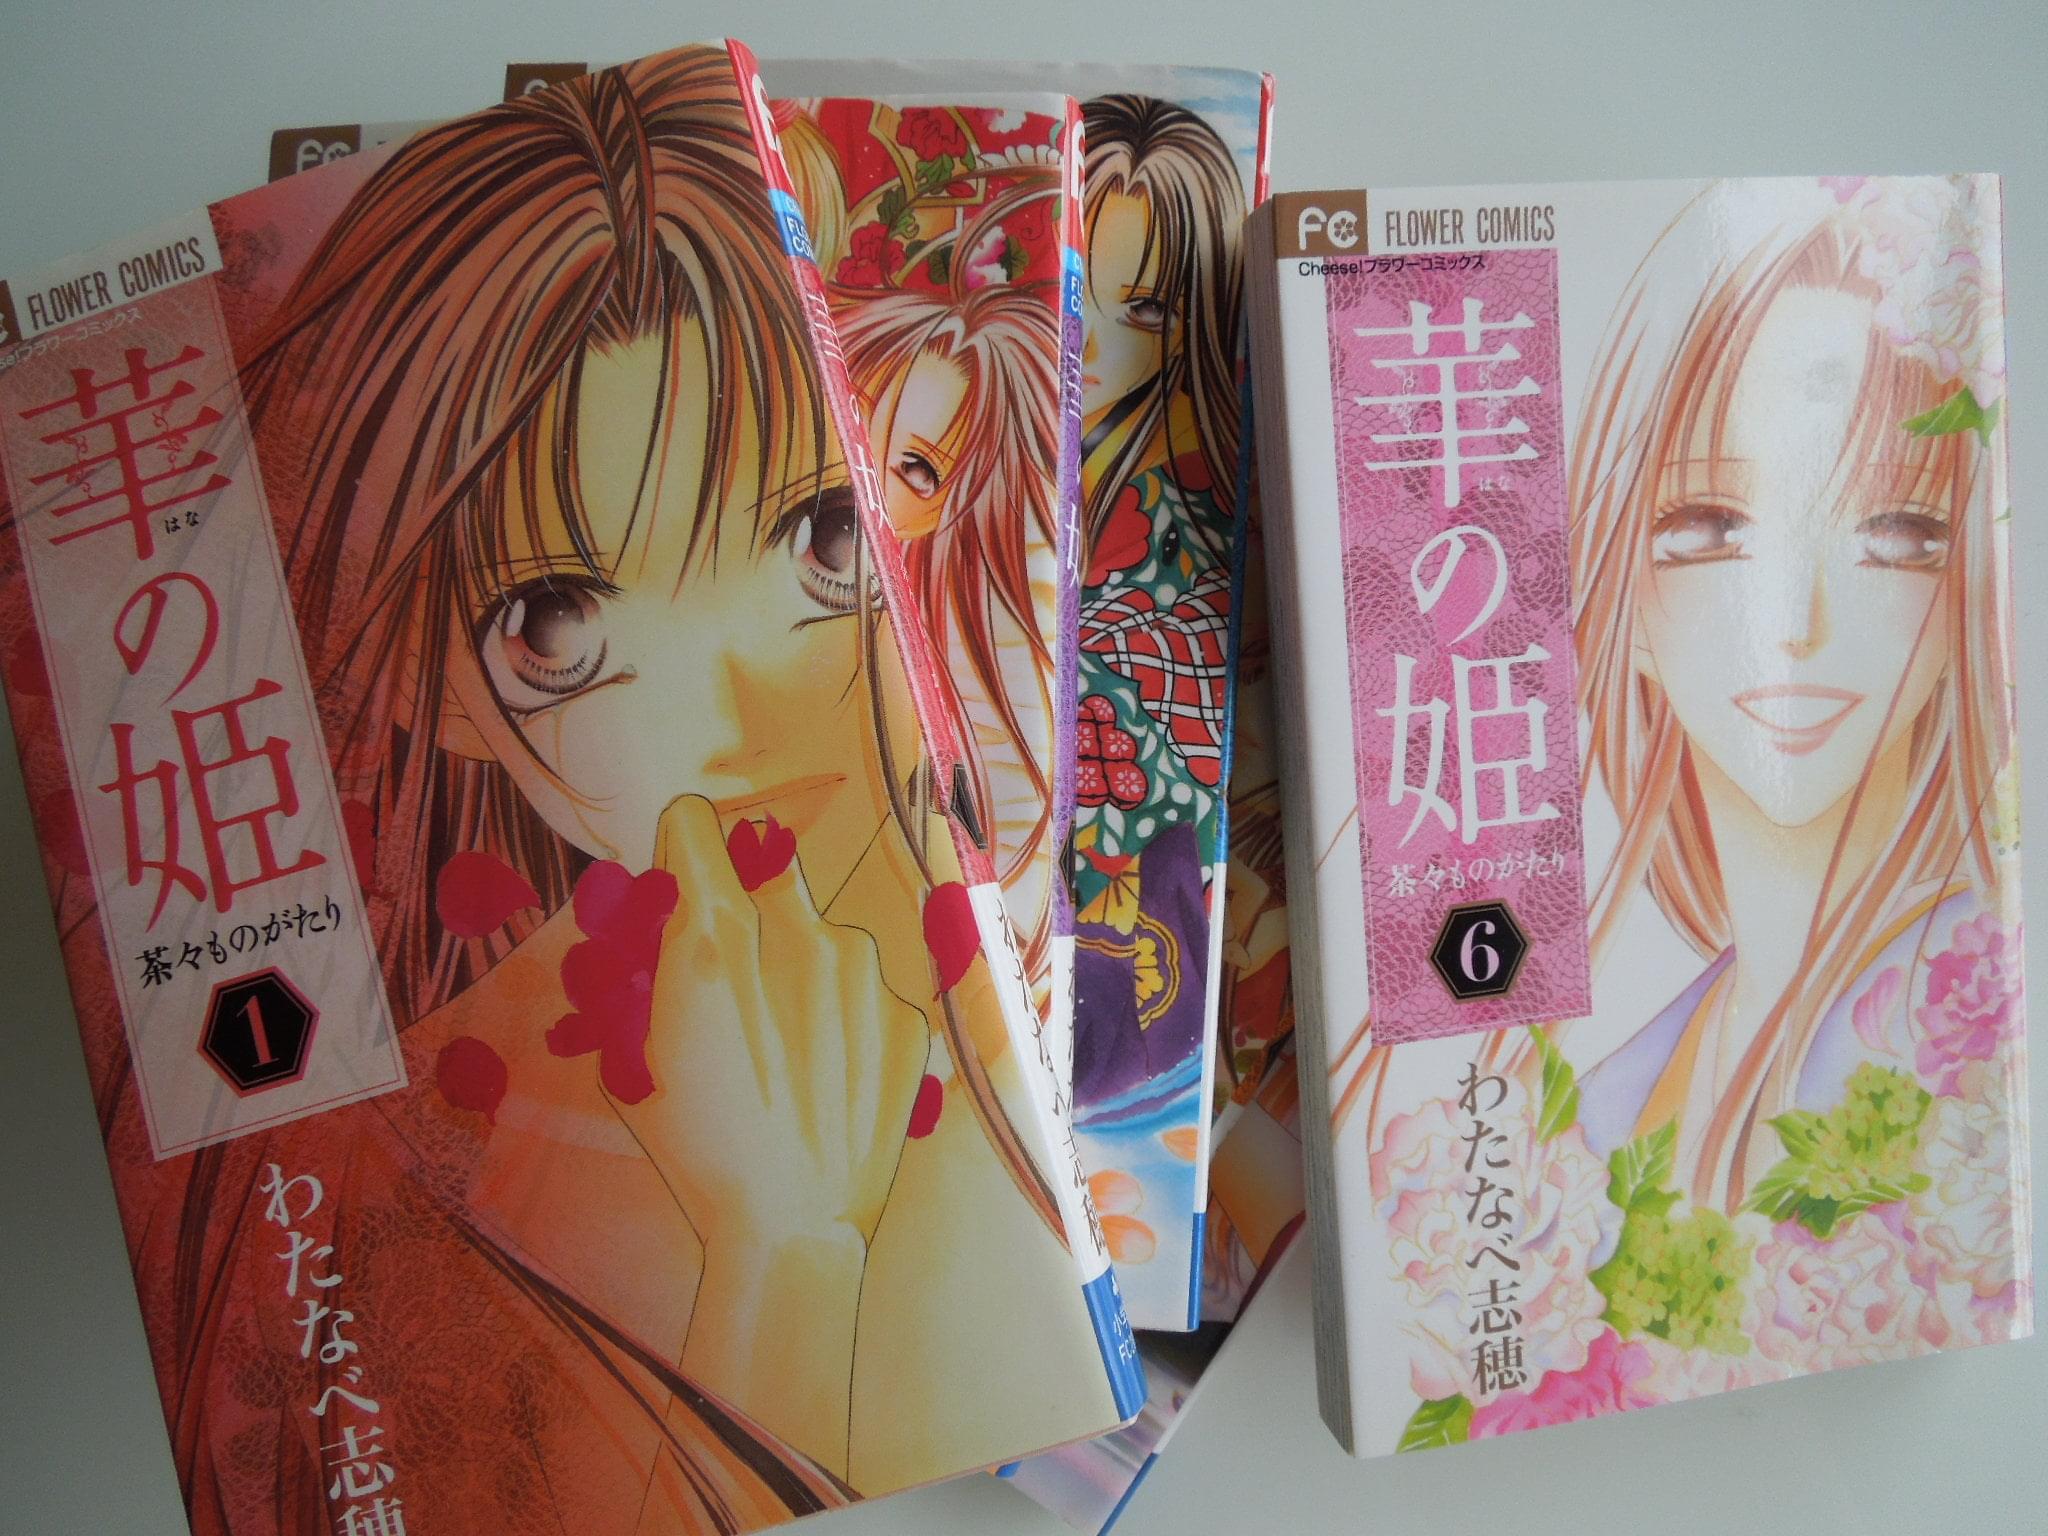 姫たちの武将愛 vol.5 「淀殿」を書籍やコミックから知る